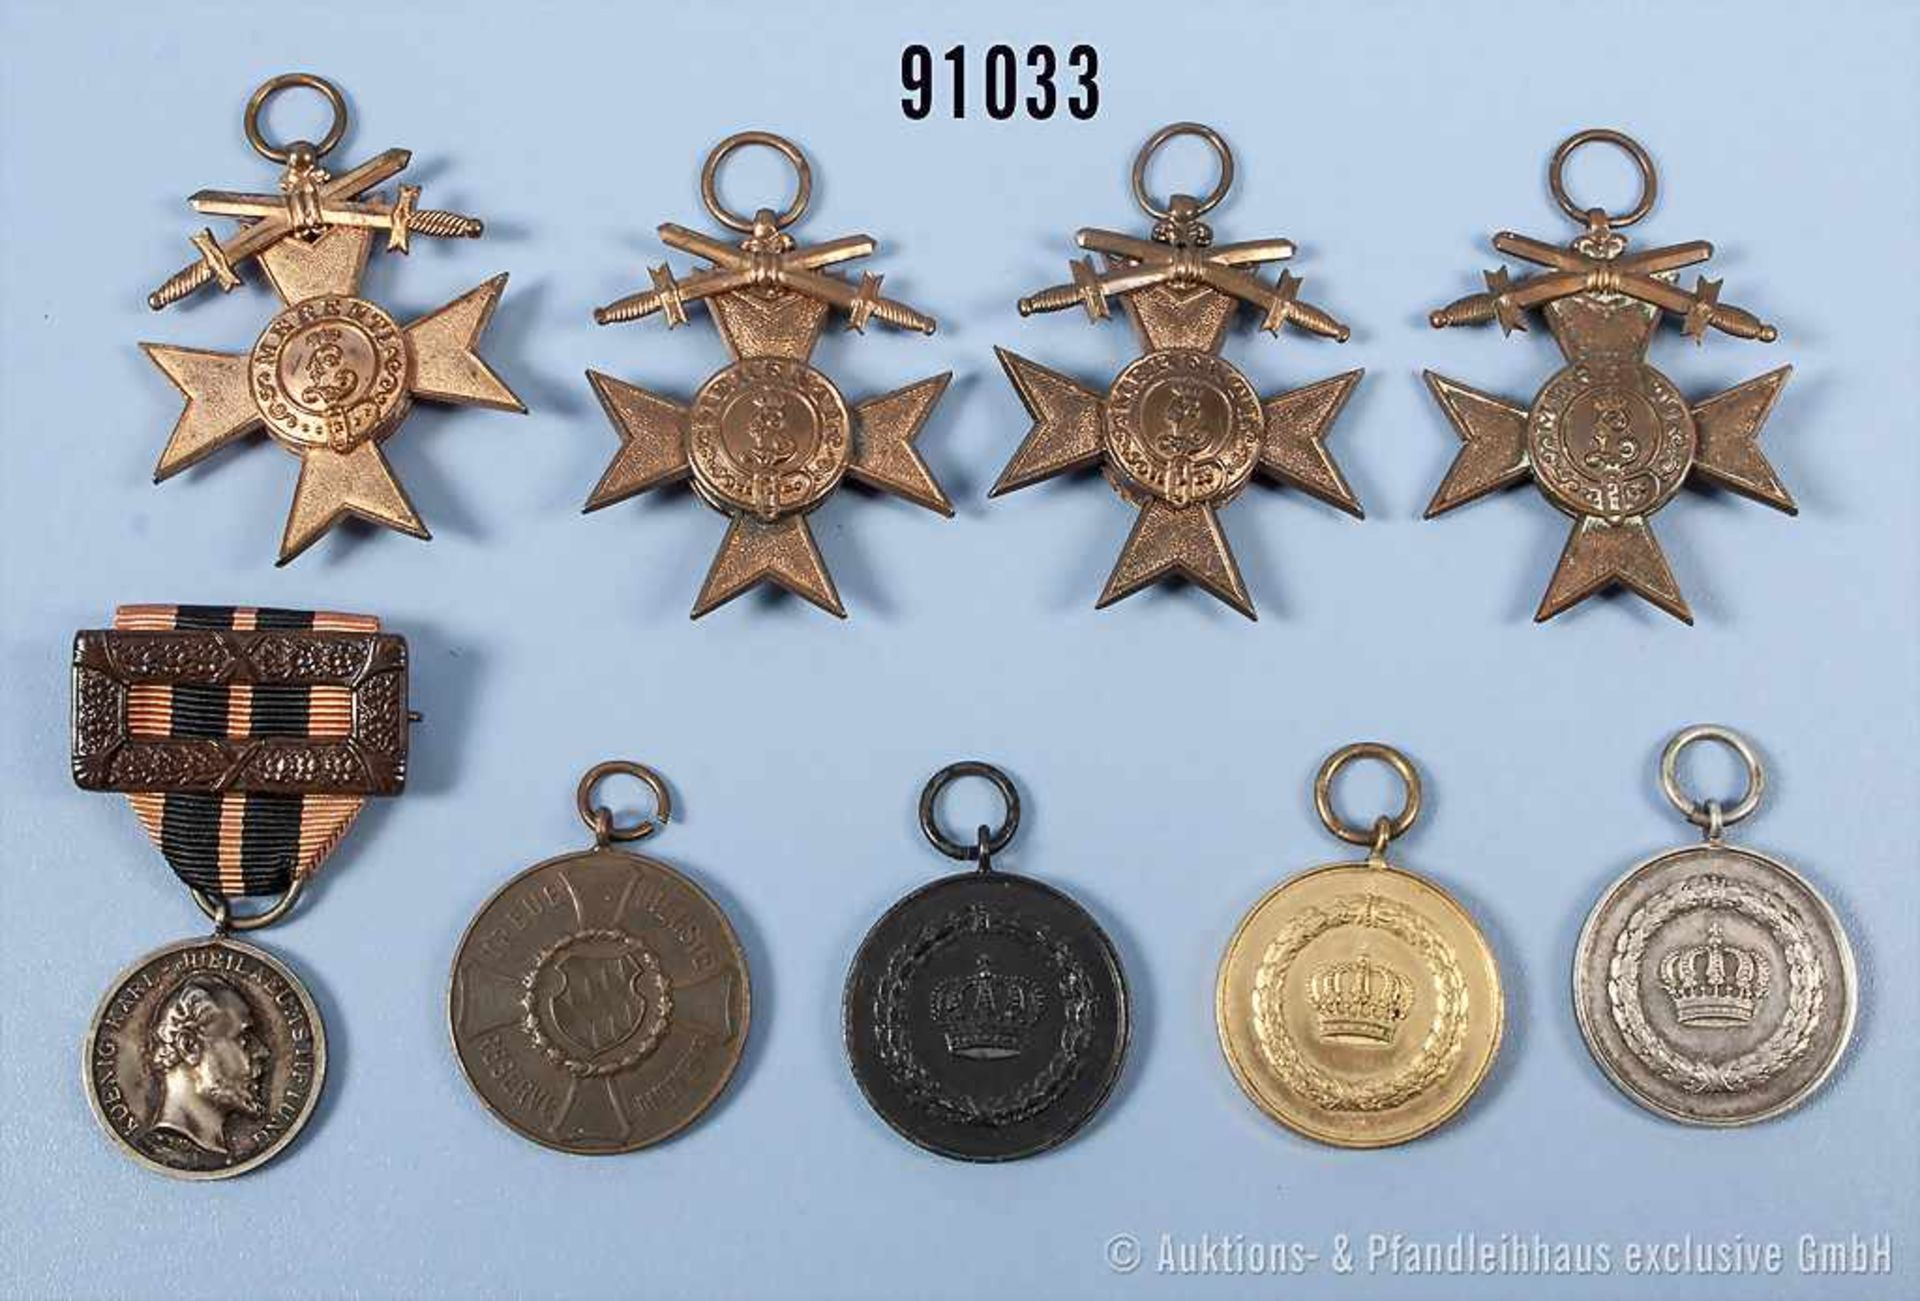 Konv. Bayern, 4 MVK 3. Klasse mit Schwertern und Landwehr-Dienstauszeichnung 2. Klasse sowie